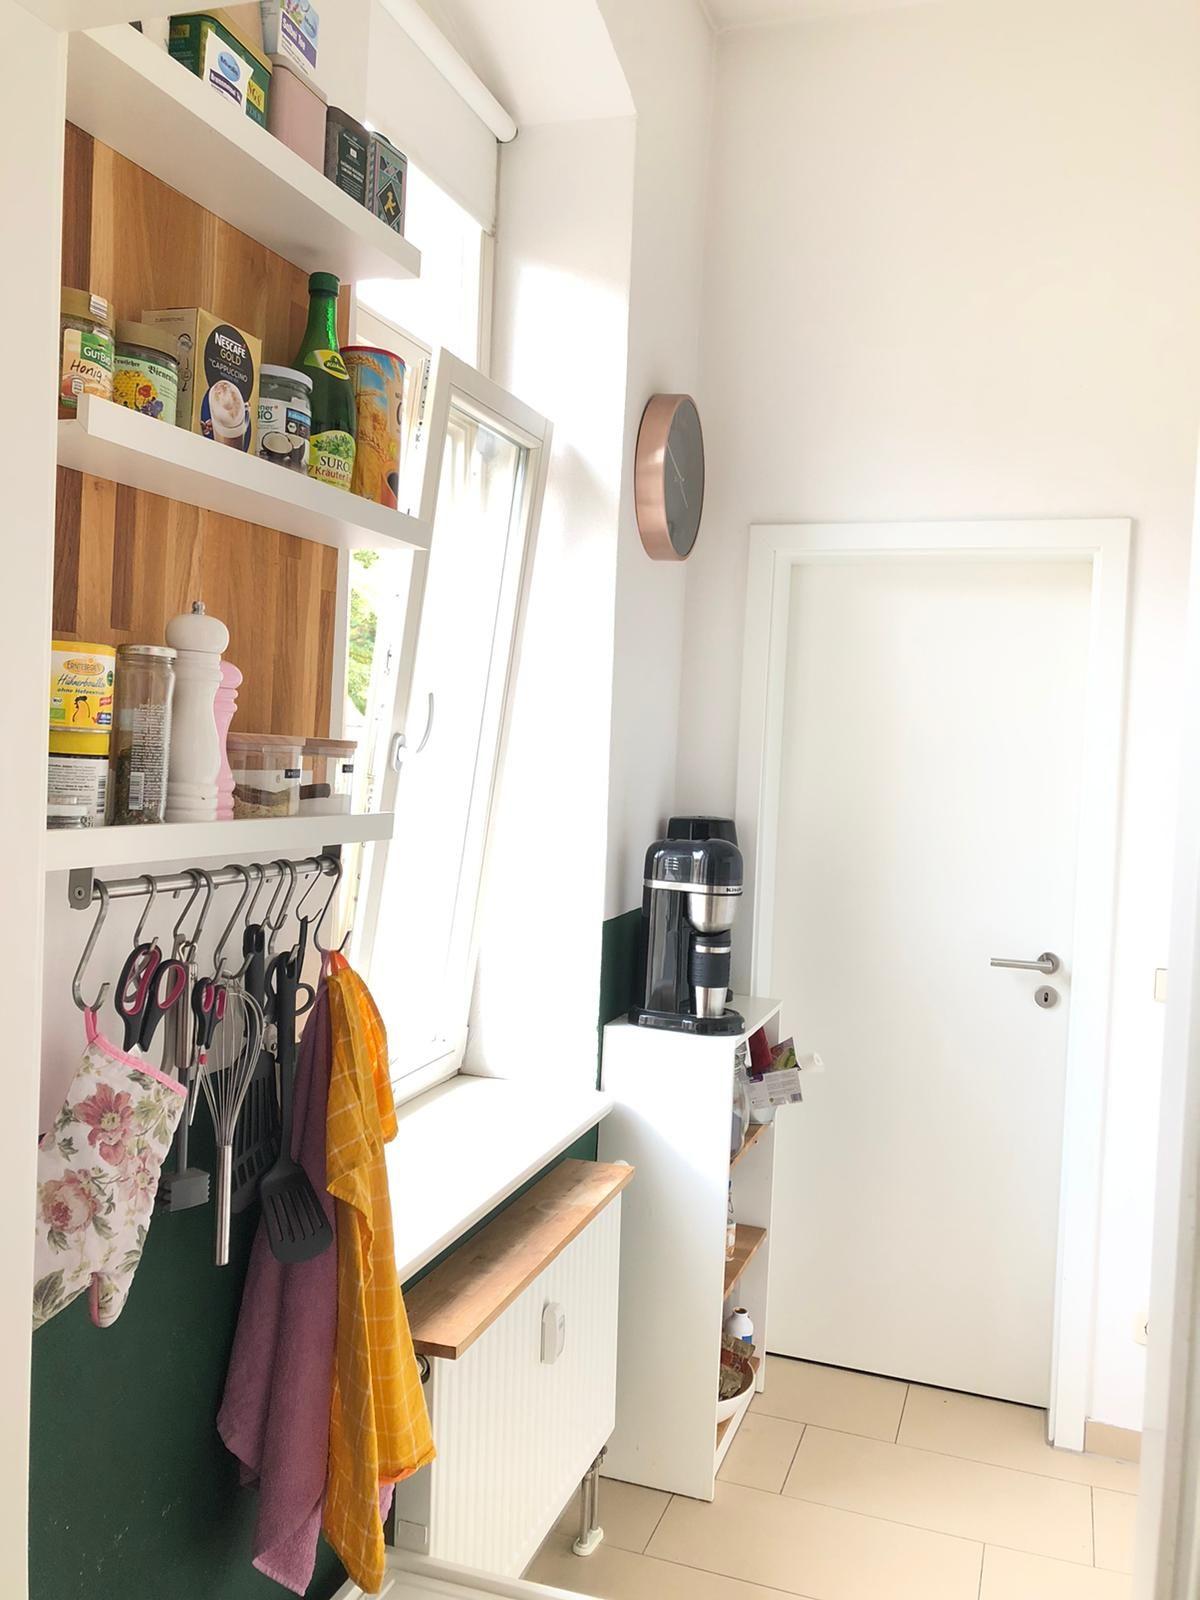 Full Size of Aufbewahrungsbehälter Küche Aufbewahrungssystem Bett Mit Aufbewahrung Aufbewahrungsbox Garten Betten Wohnzimmer Aufbewahrung Küchenutensilien